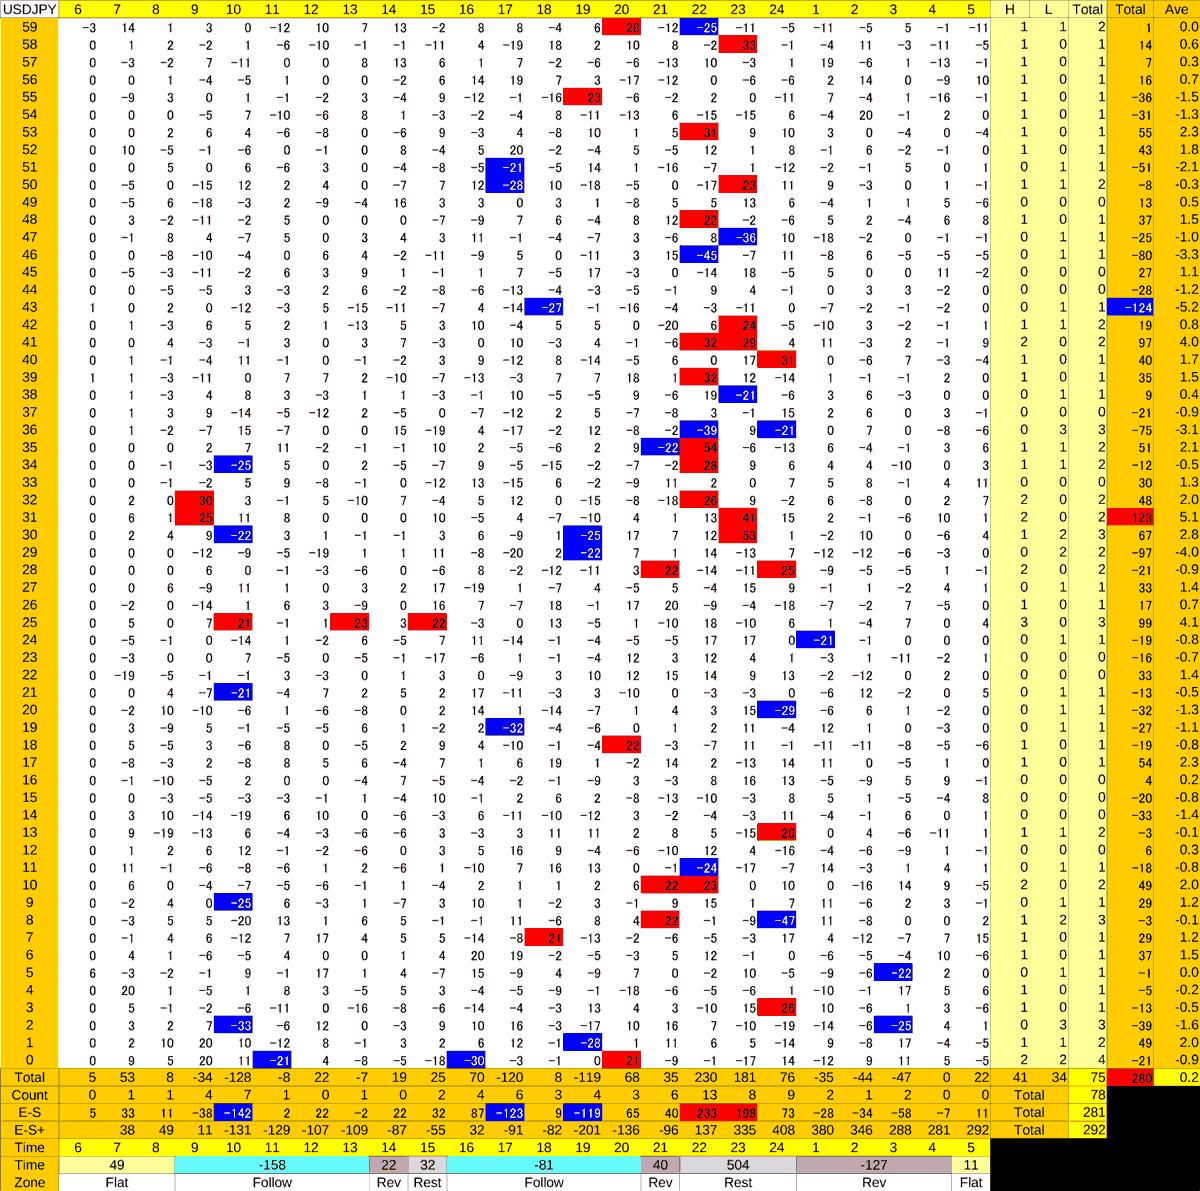 20200922_HS(1)USDJPY